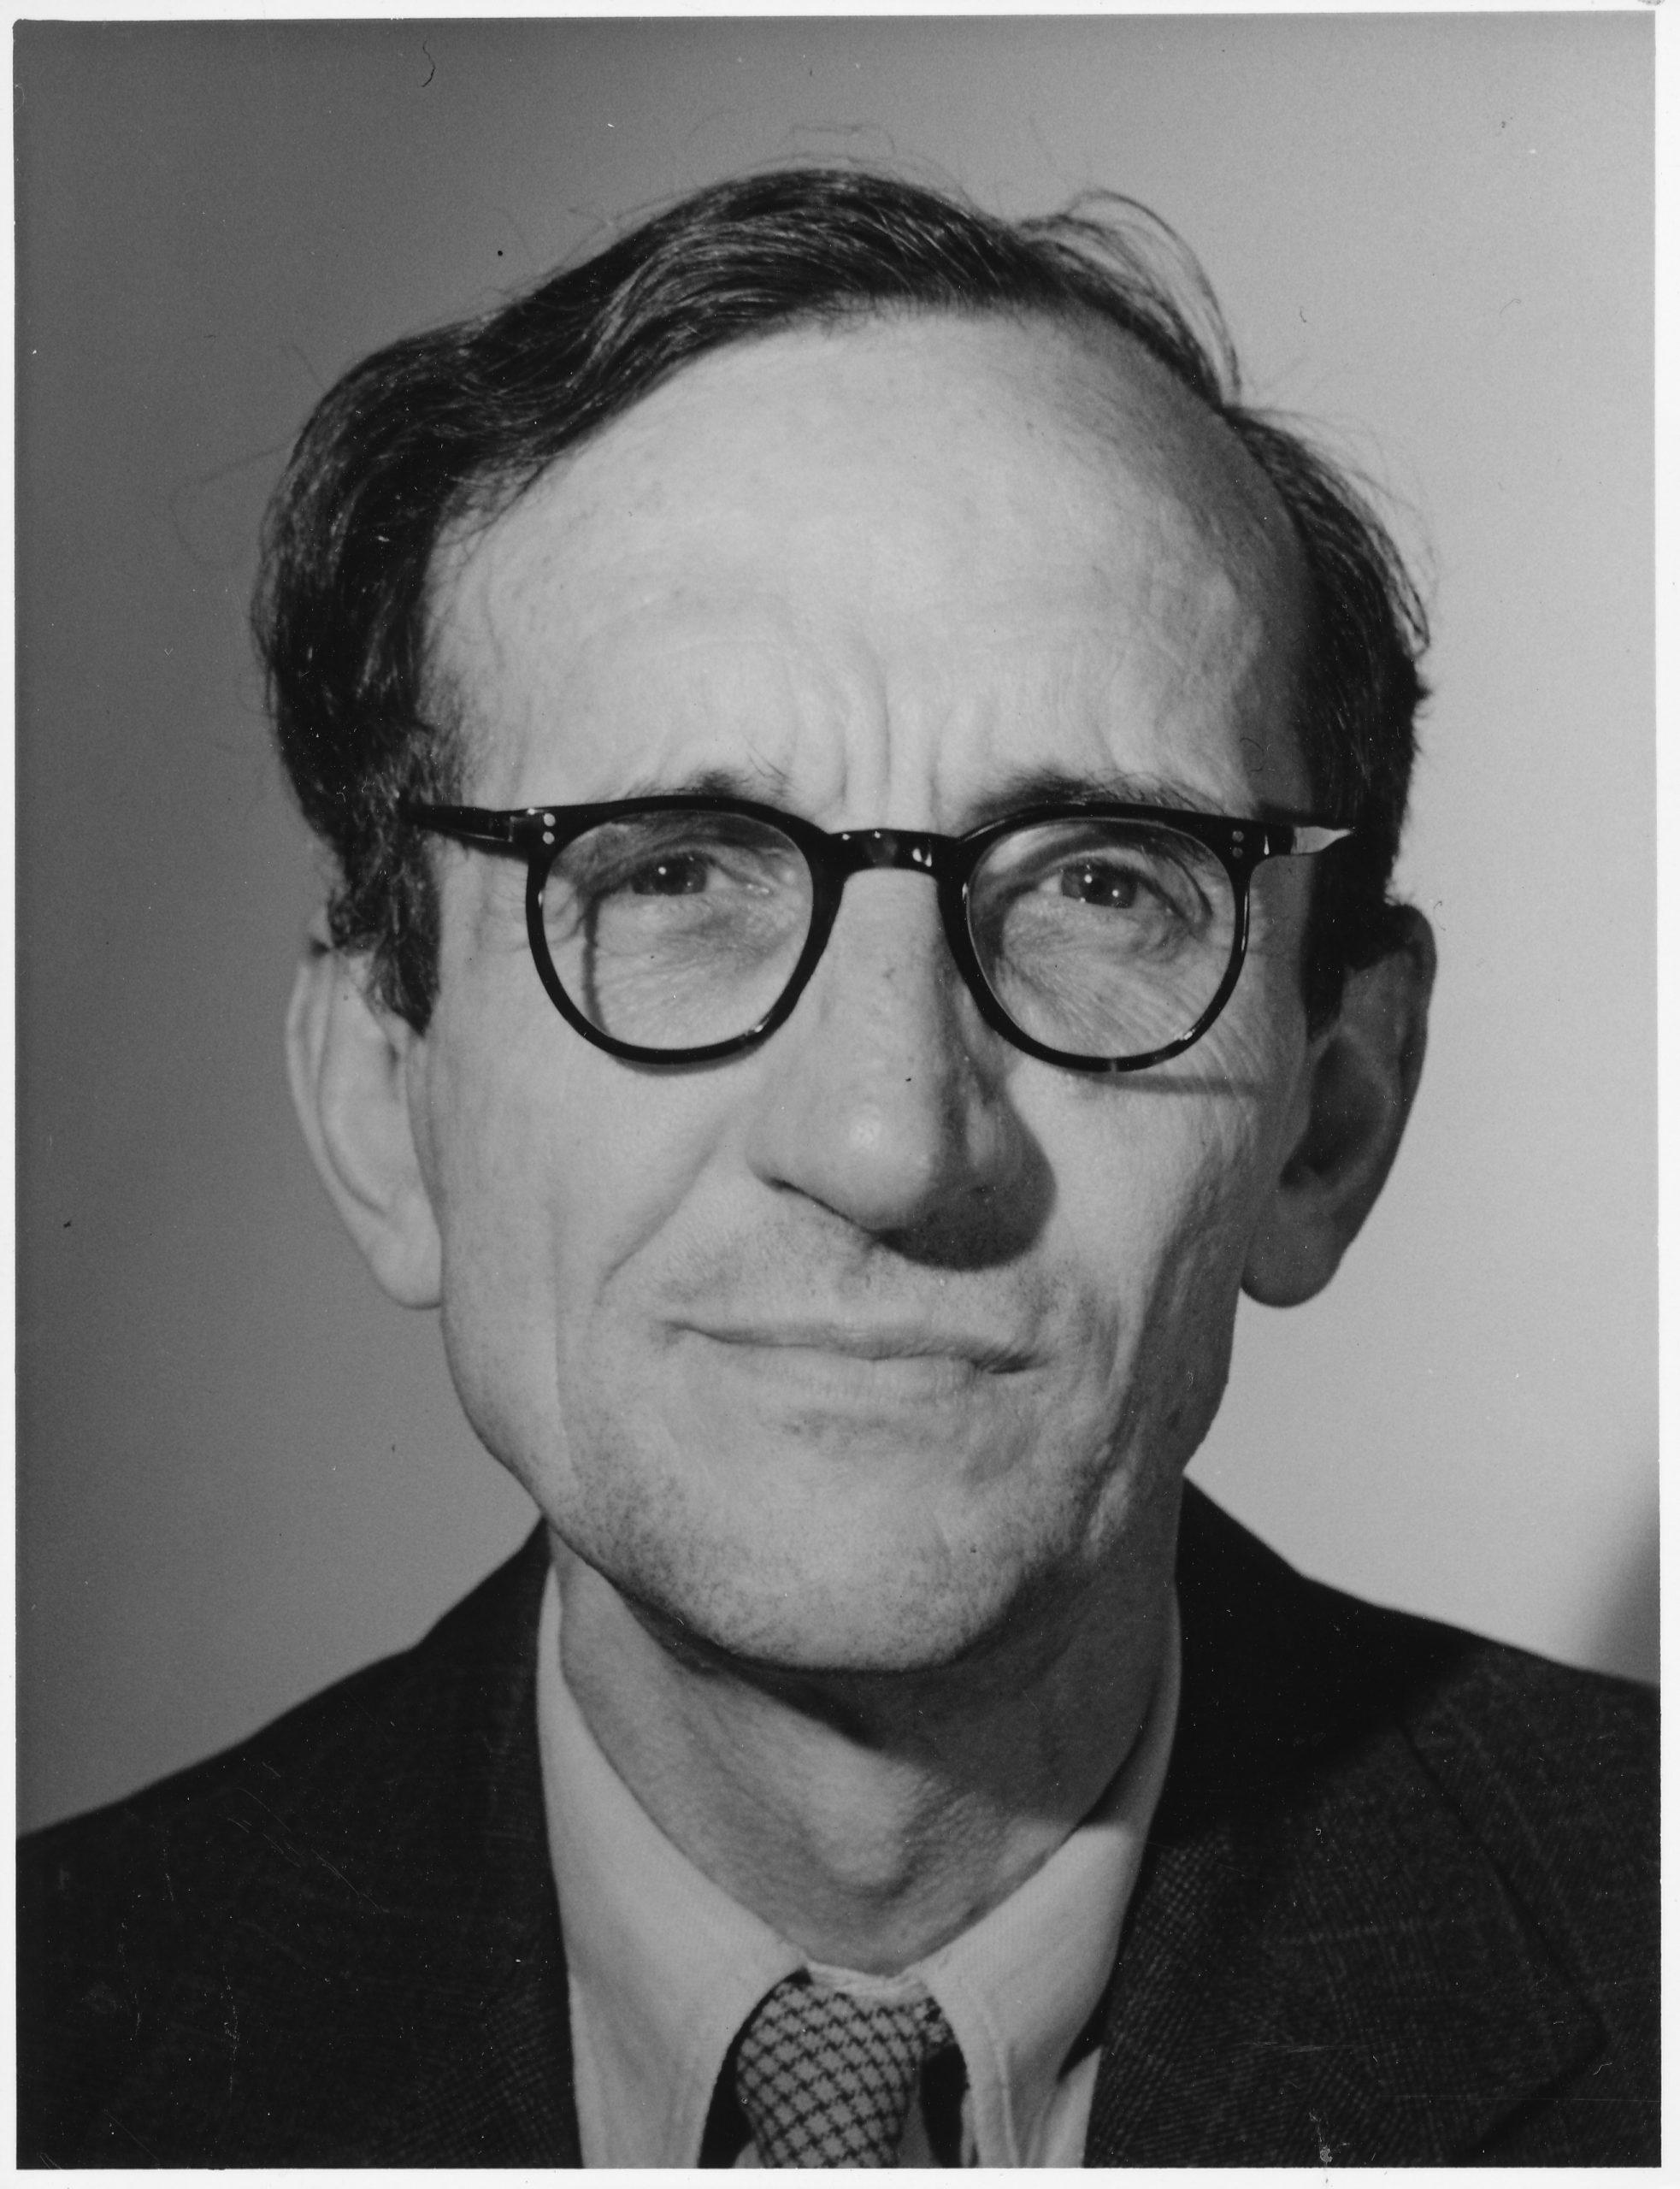 Brian Patrick Reilly (12-xii-1901, 29-xii-1991)